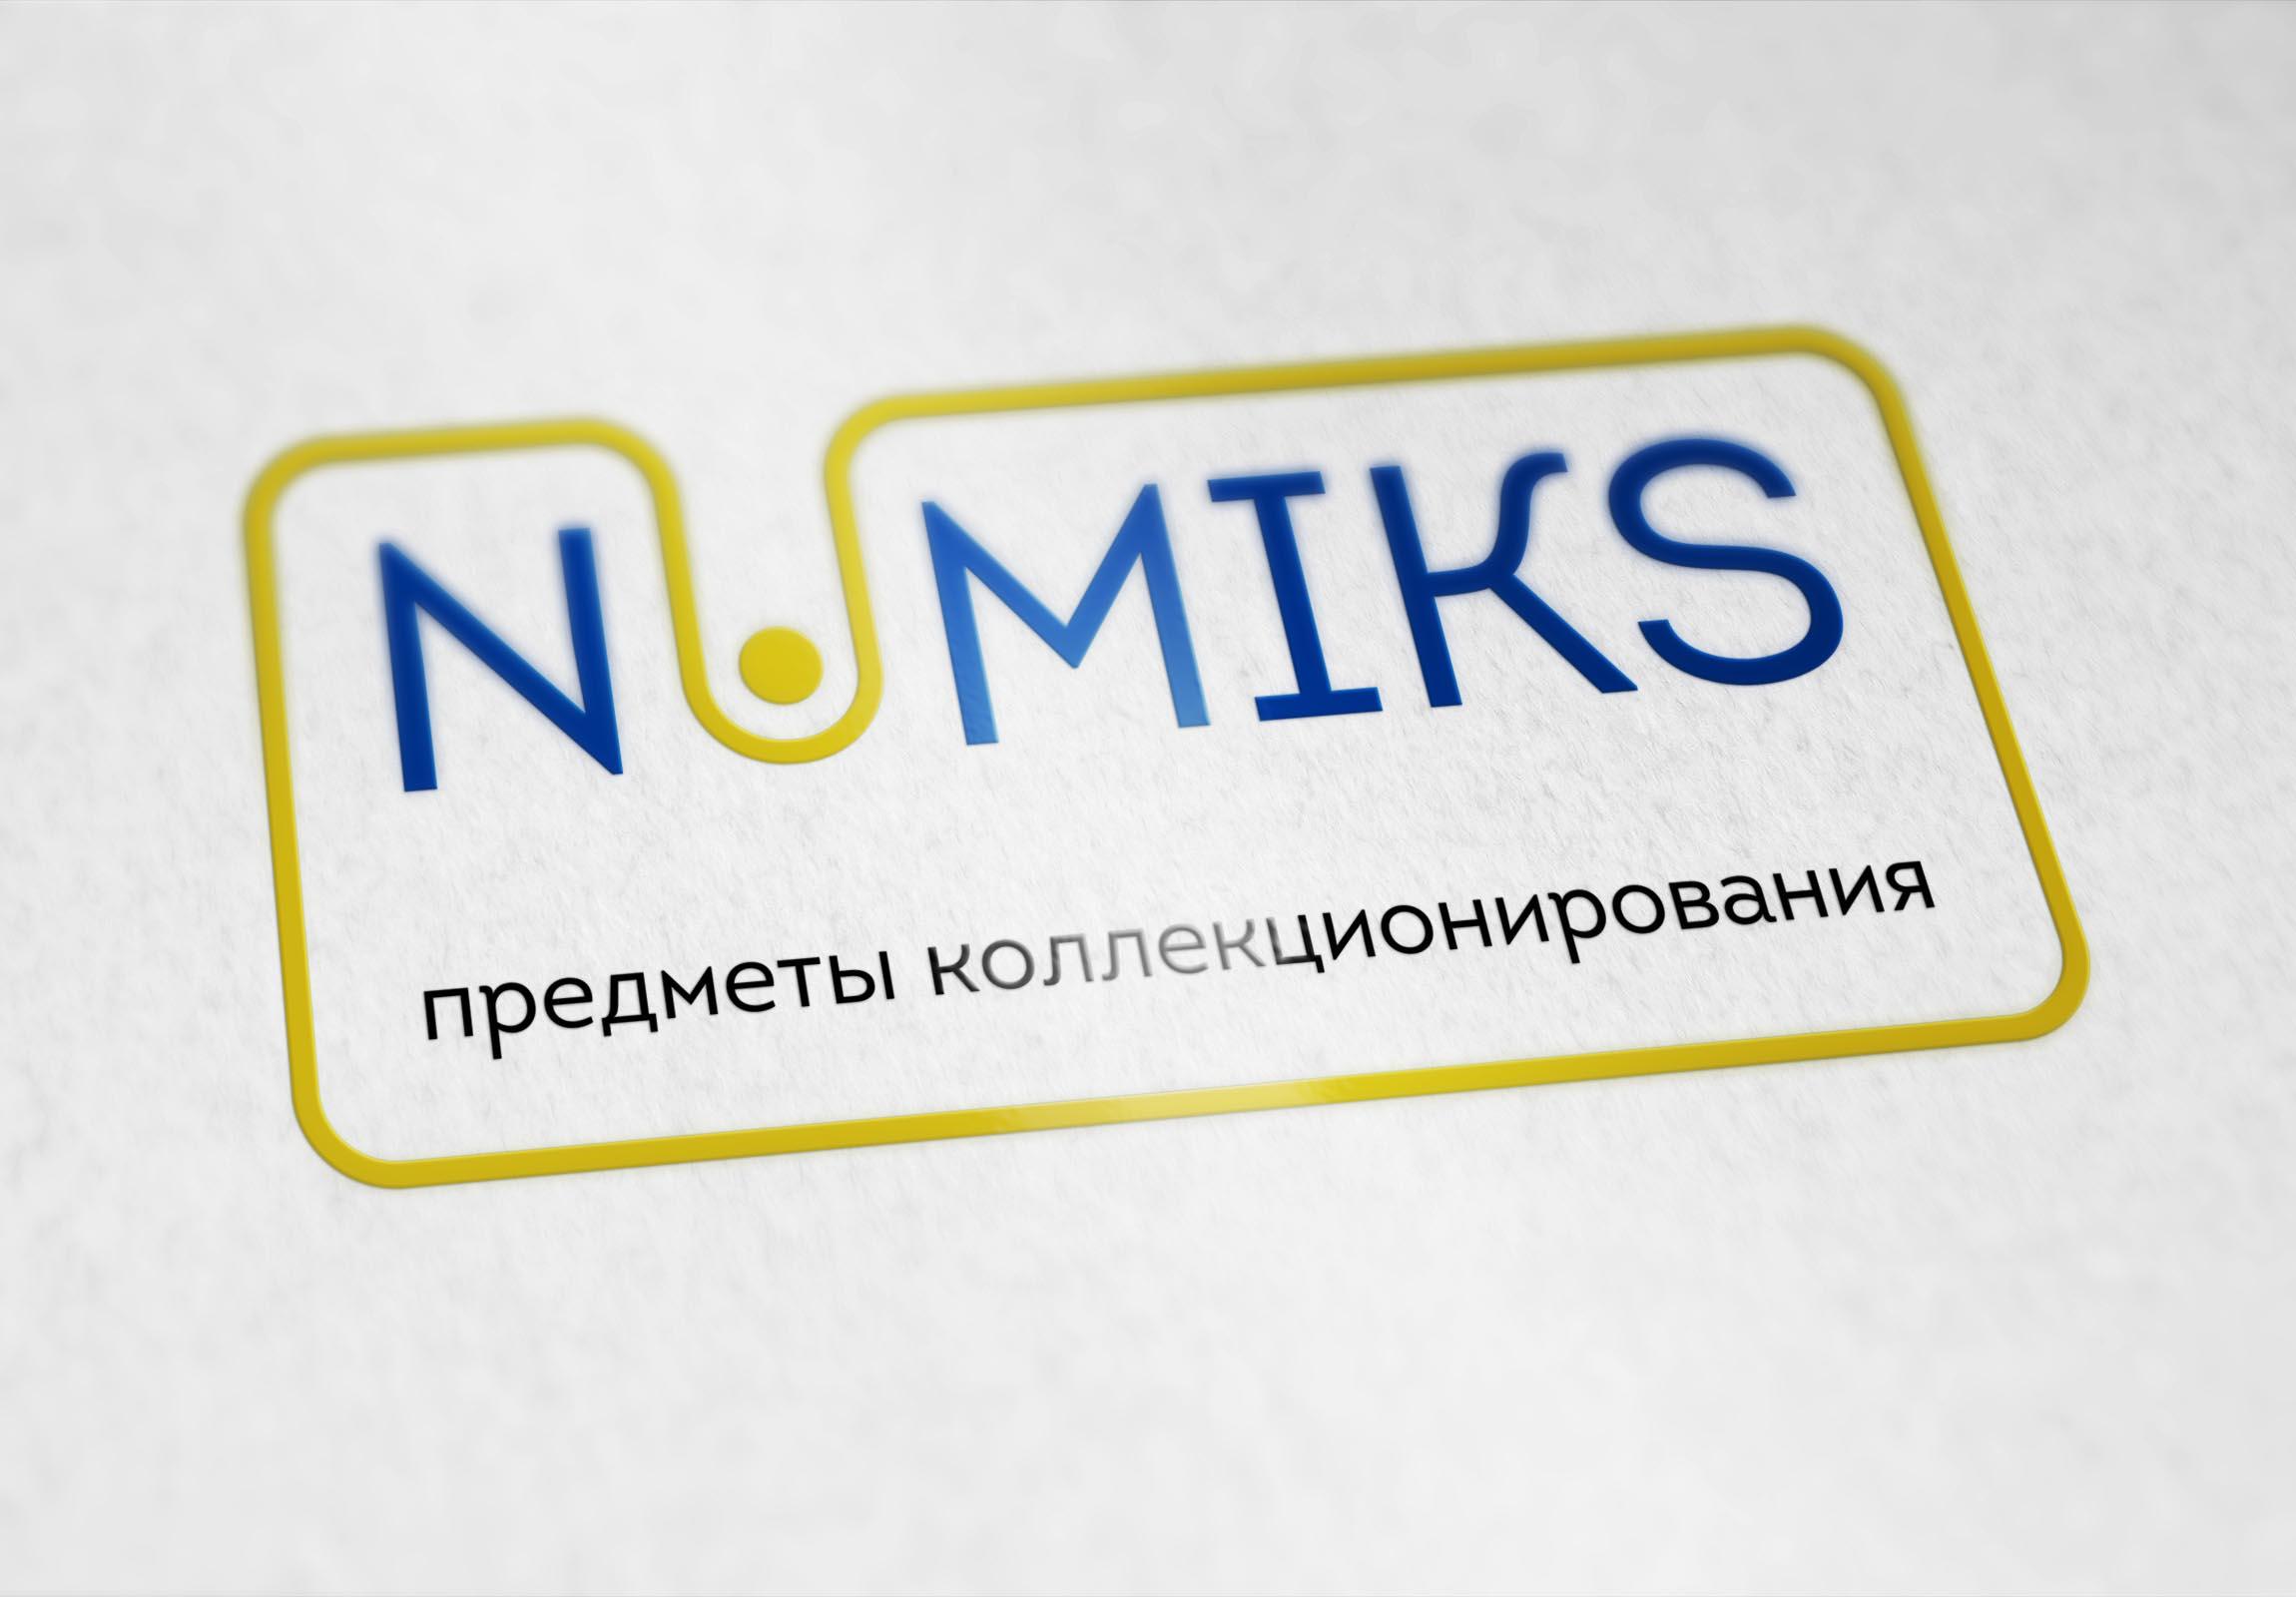 Логотип для интернет-магазина фото f_7795ecba120e7a0d.jpg